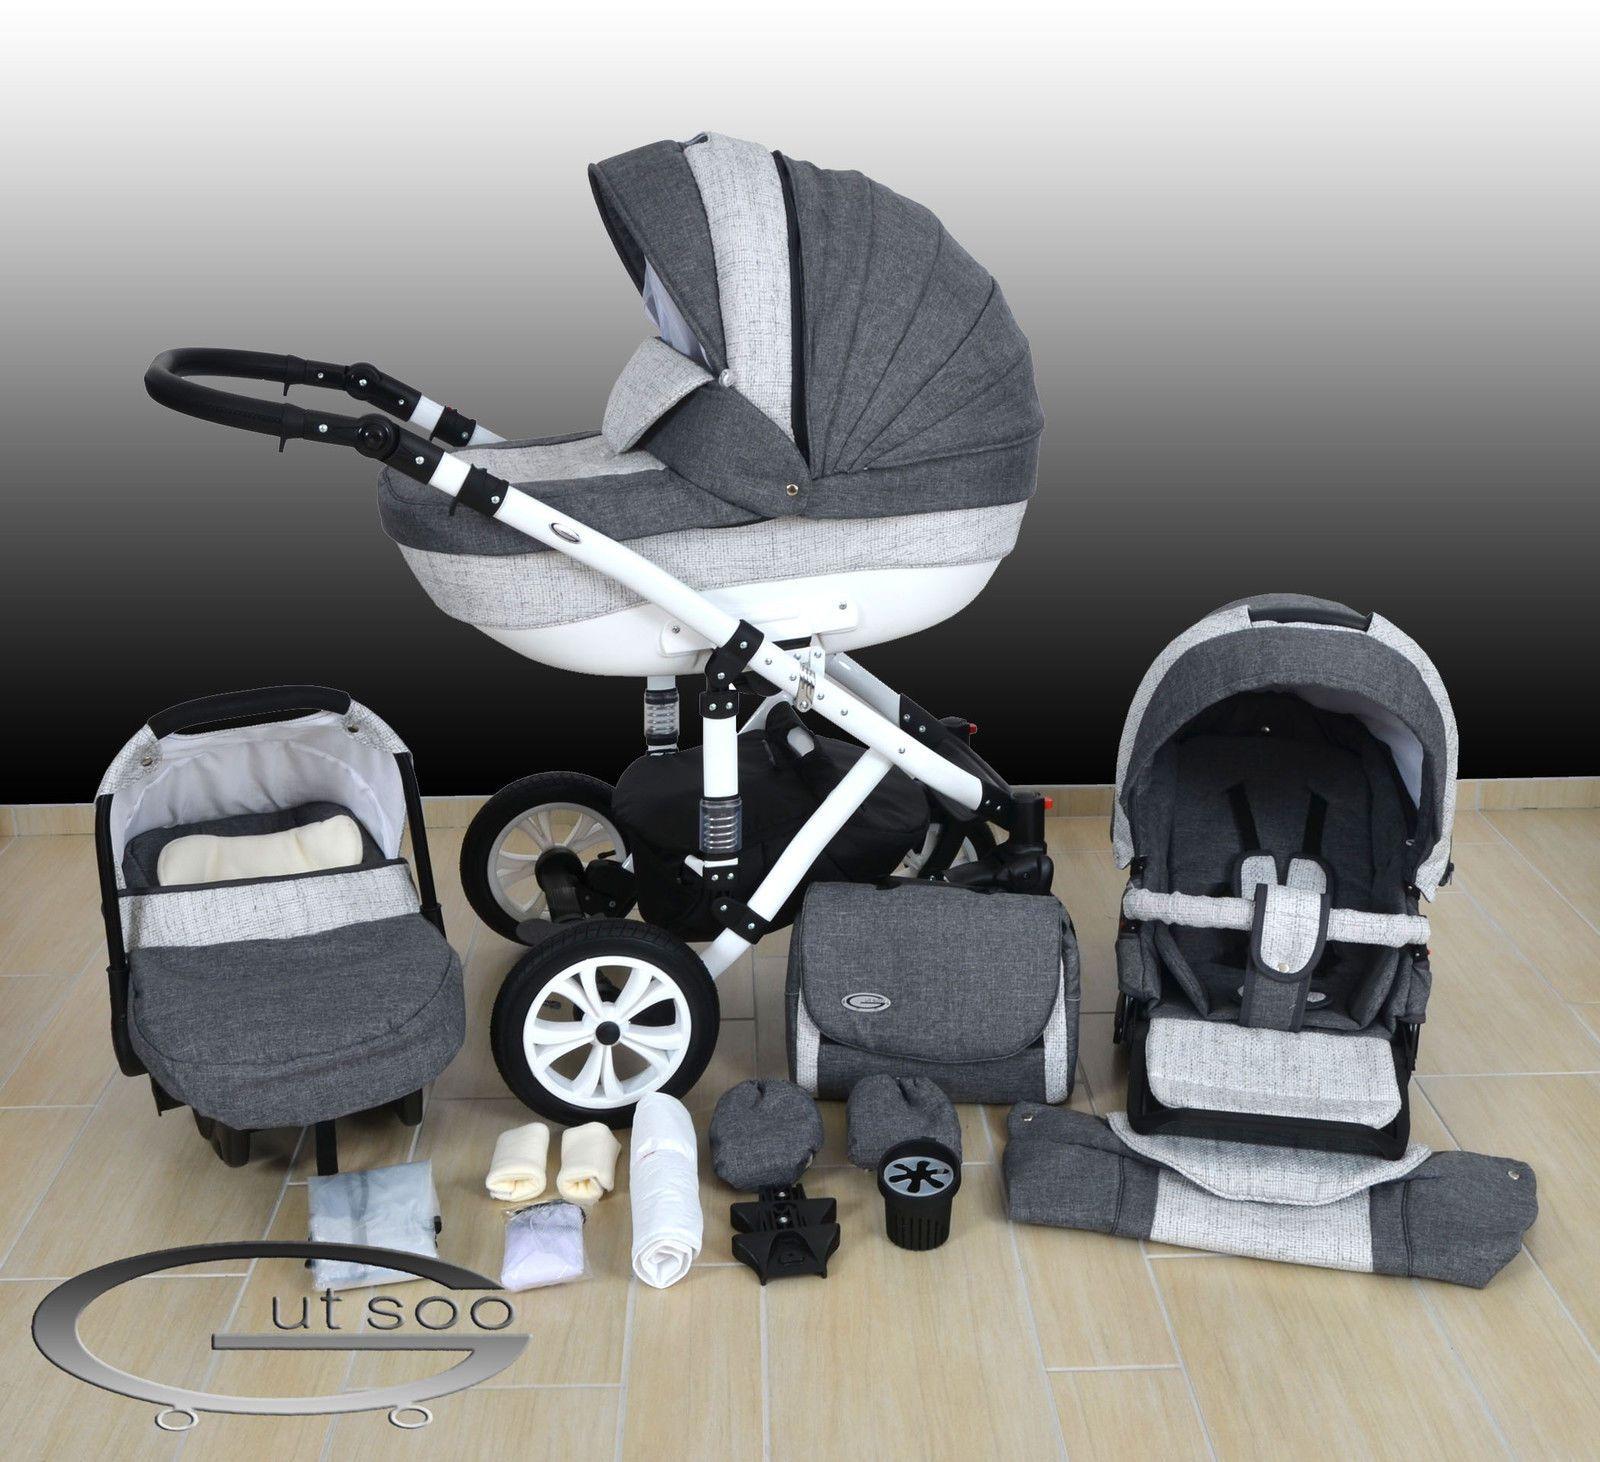 NEU 3 in 1 Kombi Kinderwagen Sportwagen Babywanne Buggy Babyjogger Travel System